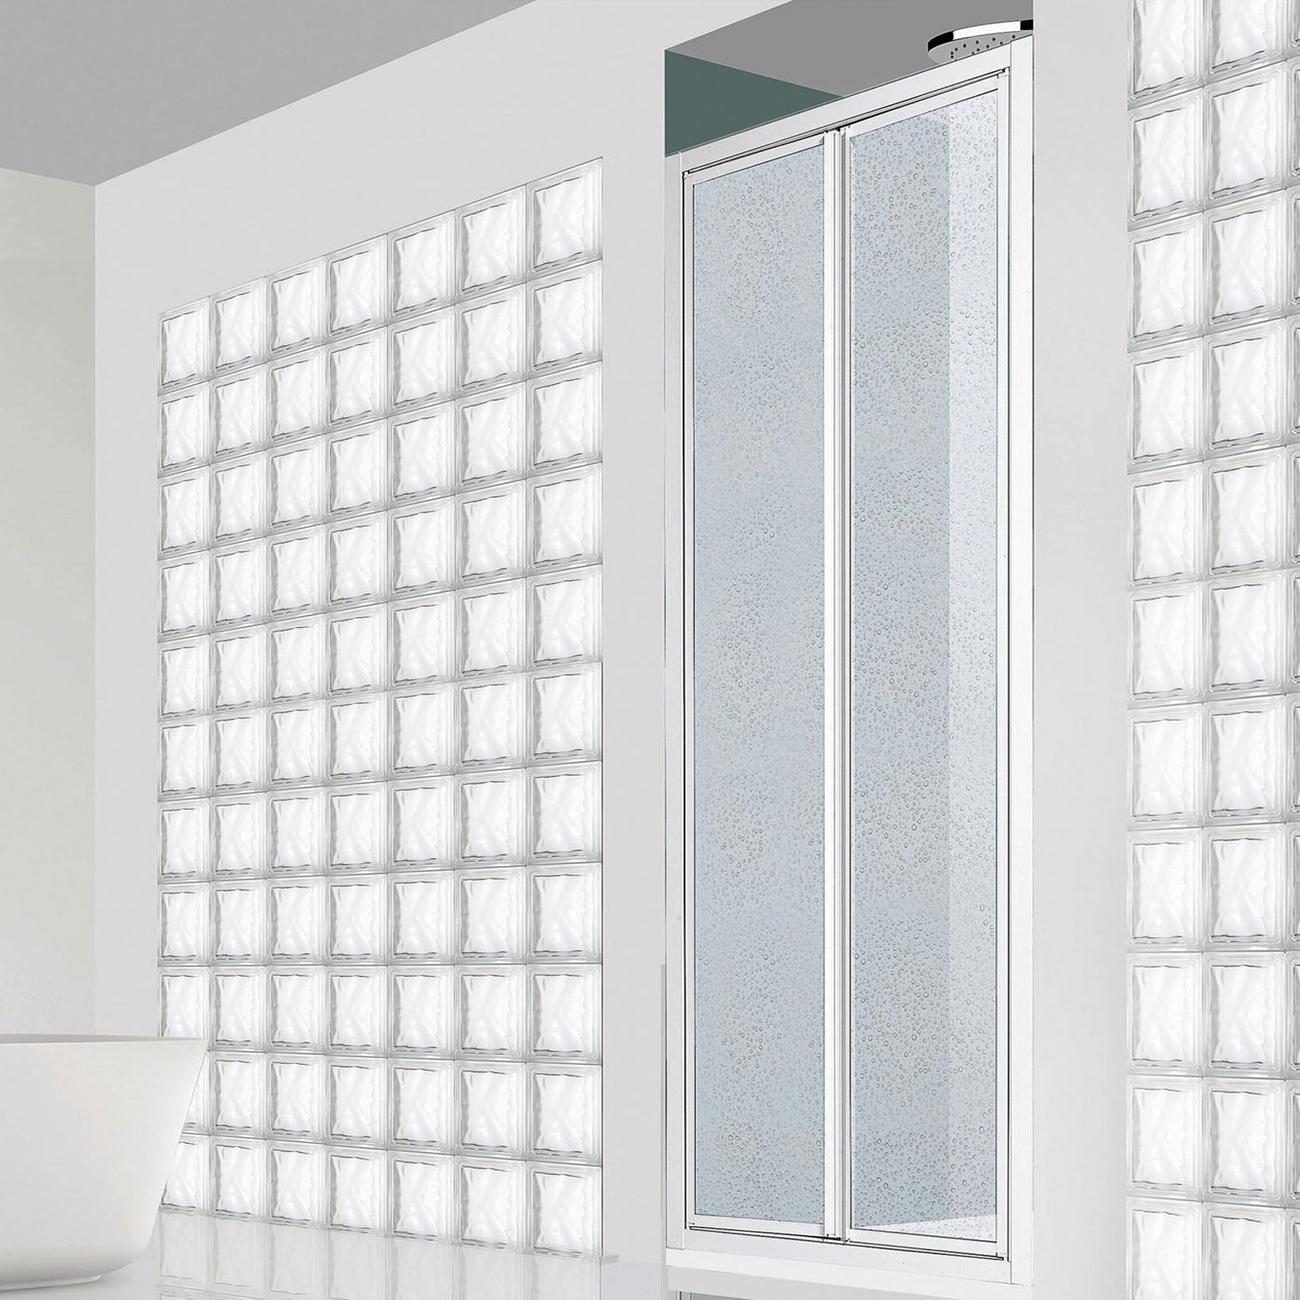 Porta doccia con apertura saloon per nicchia da 70 cm in alluminio e acrilico